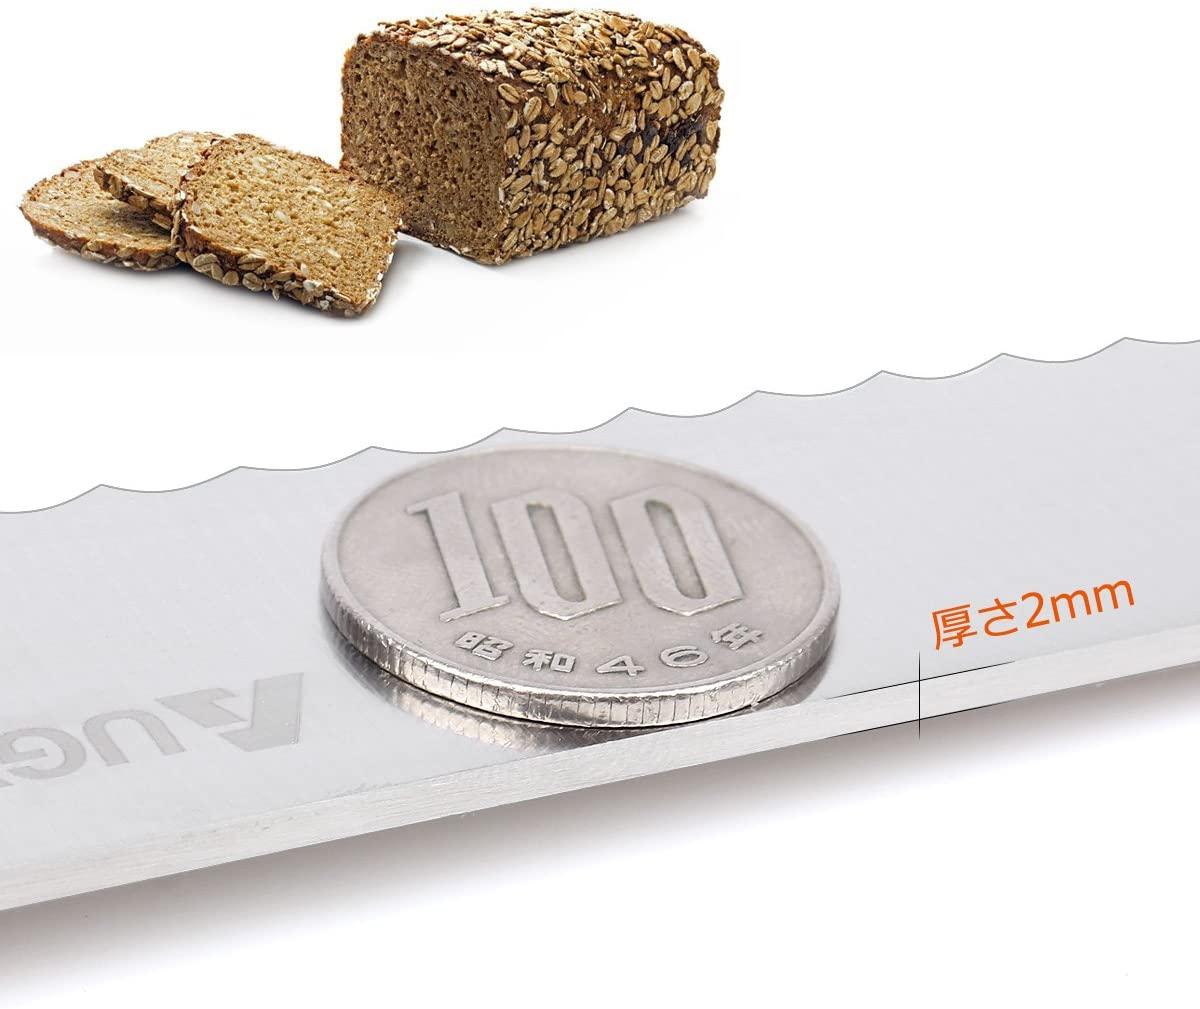 AUGYMER(オージマー) パン切り包丁 (全長/約32.5cm) シルバーの商品画像7